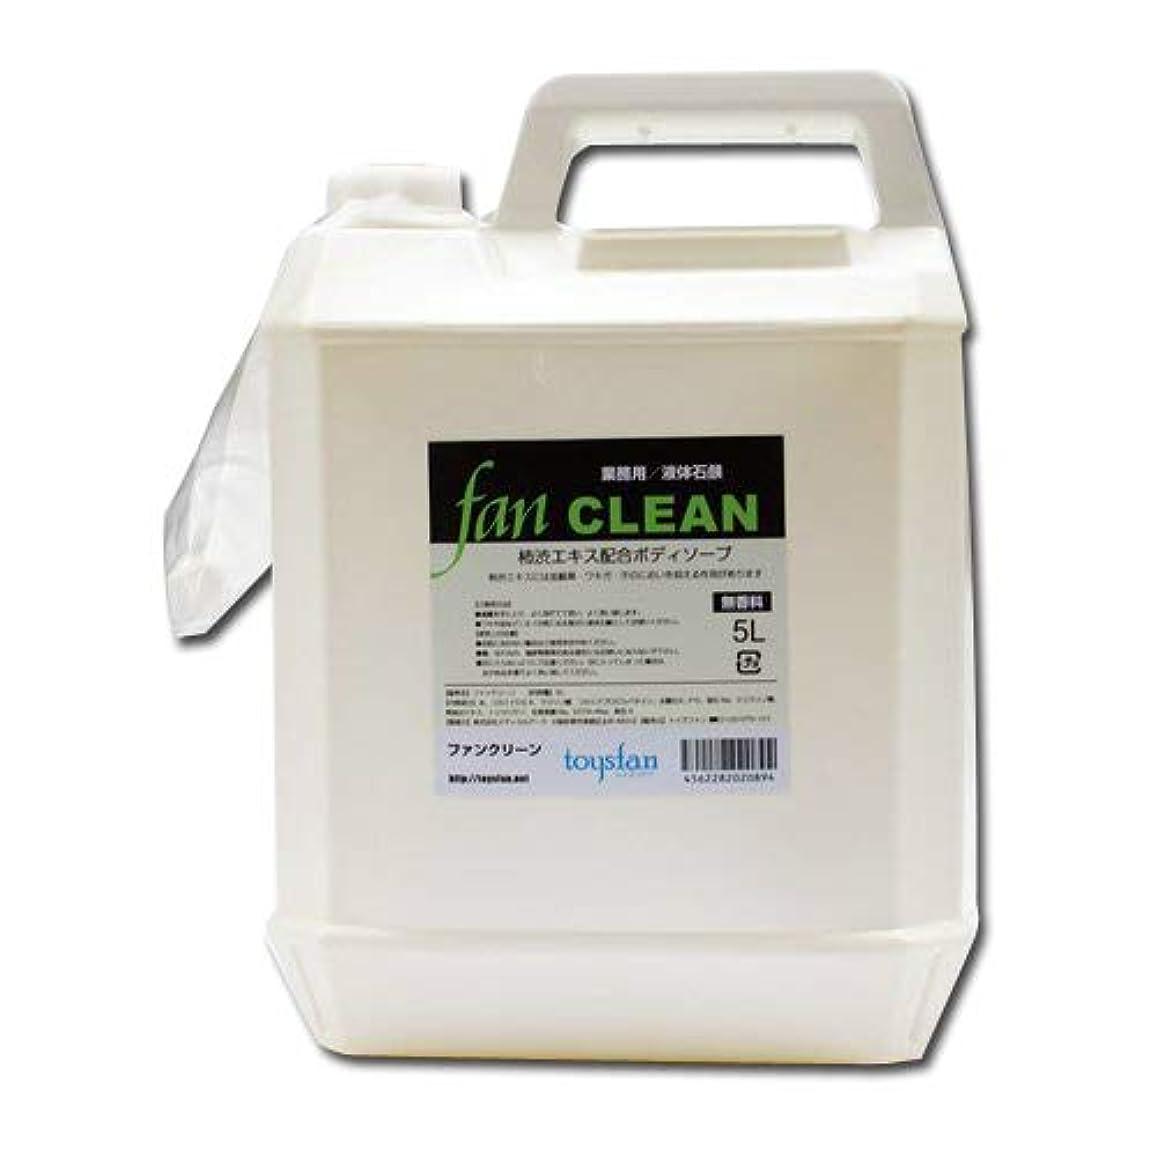 迷信振り子一般的に言えばファンクリーン 5L 業務用殺菌液体石鹸FAN CLEAN殺菌成分トリクロサン配合薬用ボディソープ│柿渋エキス配合 大容量液体せっけん グリンス 体臭予防対策